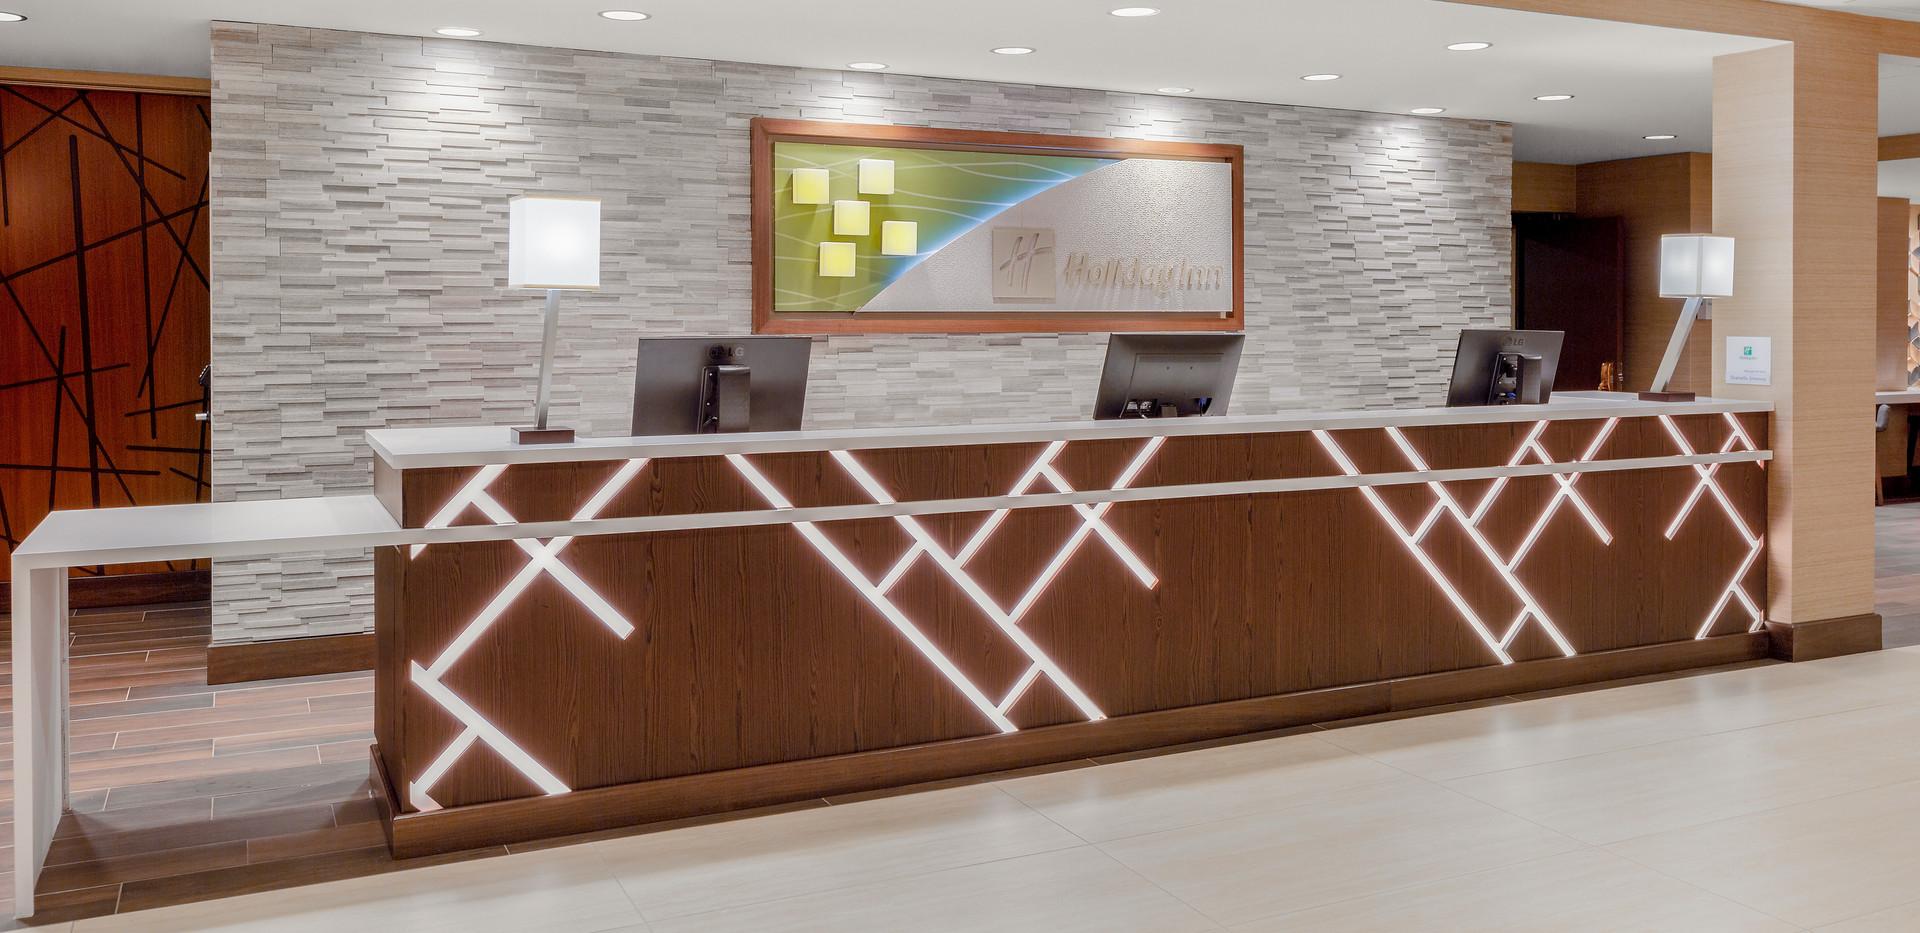 Holiday Inn La Mirada Reception Desk